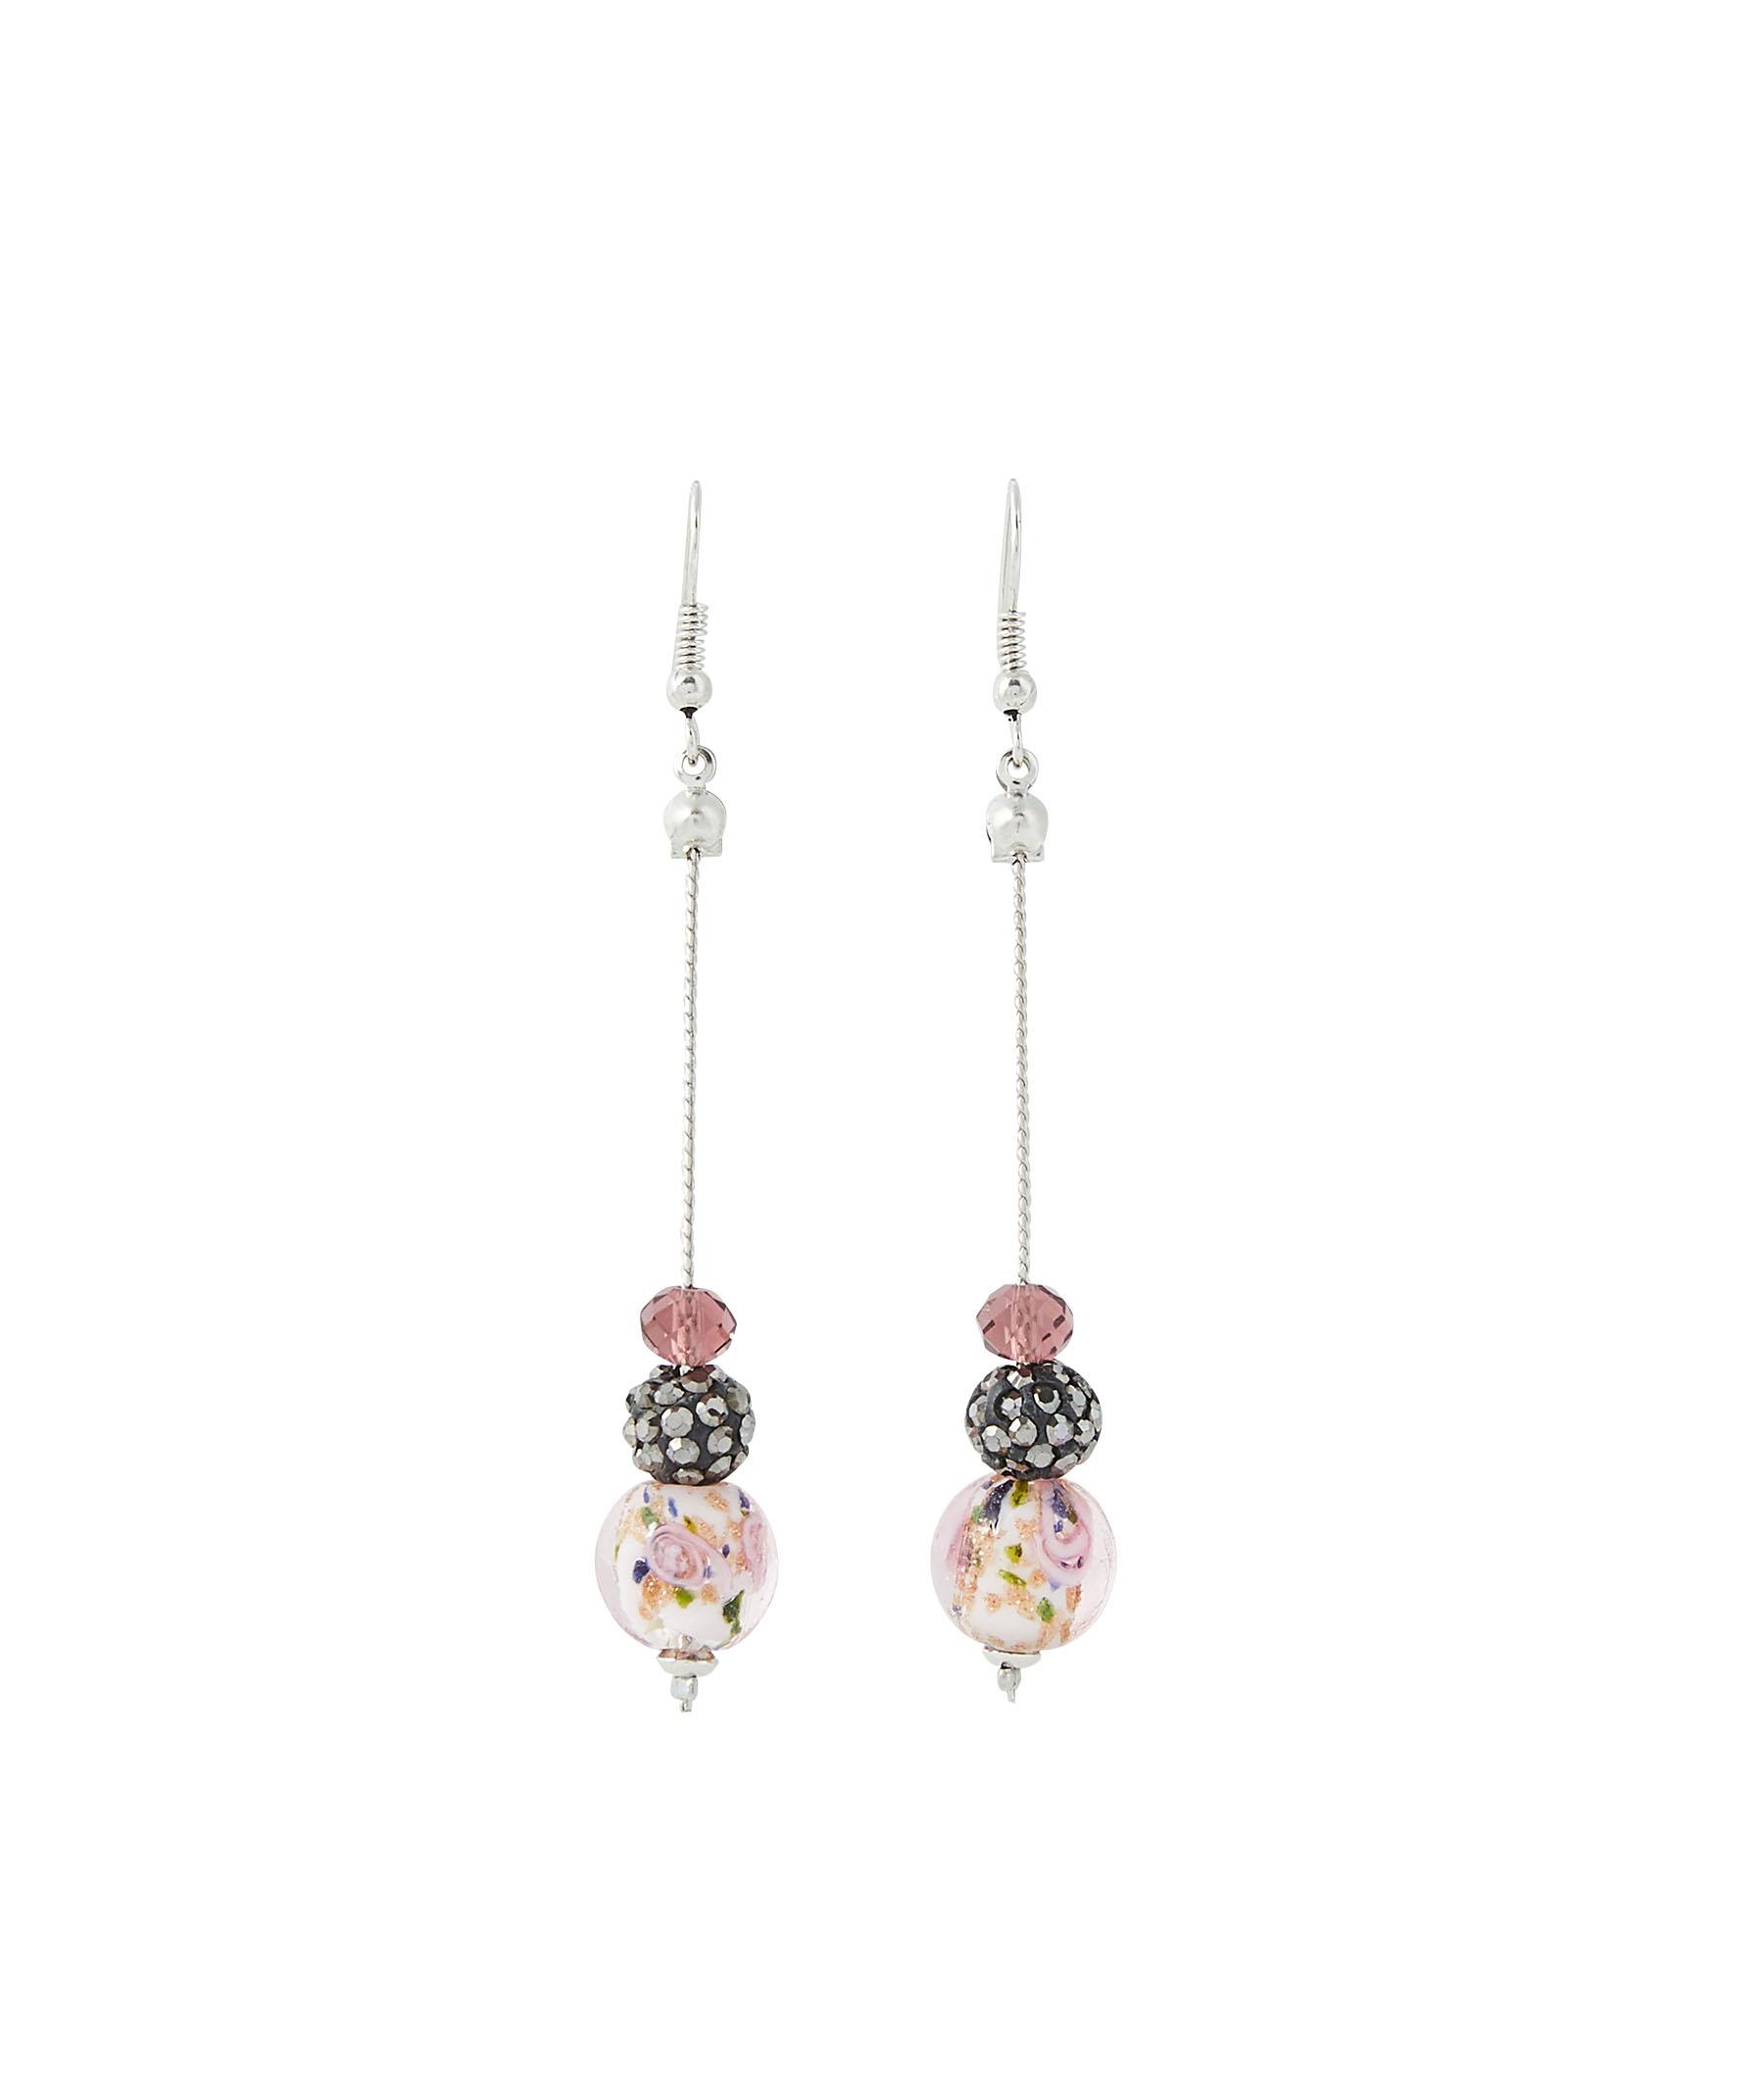 Boucles d'oreilles pendantes perles NOIR